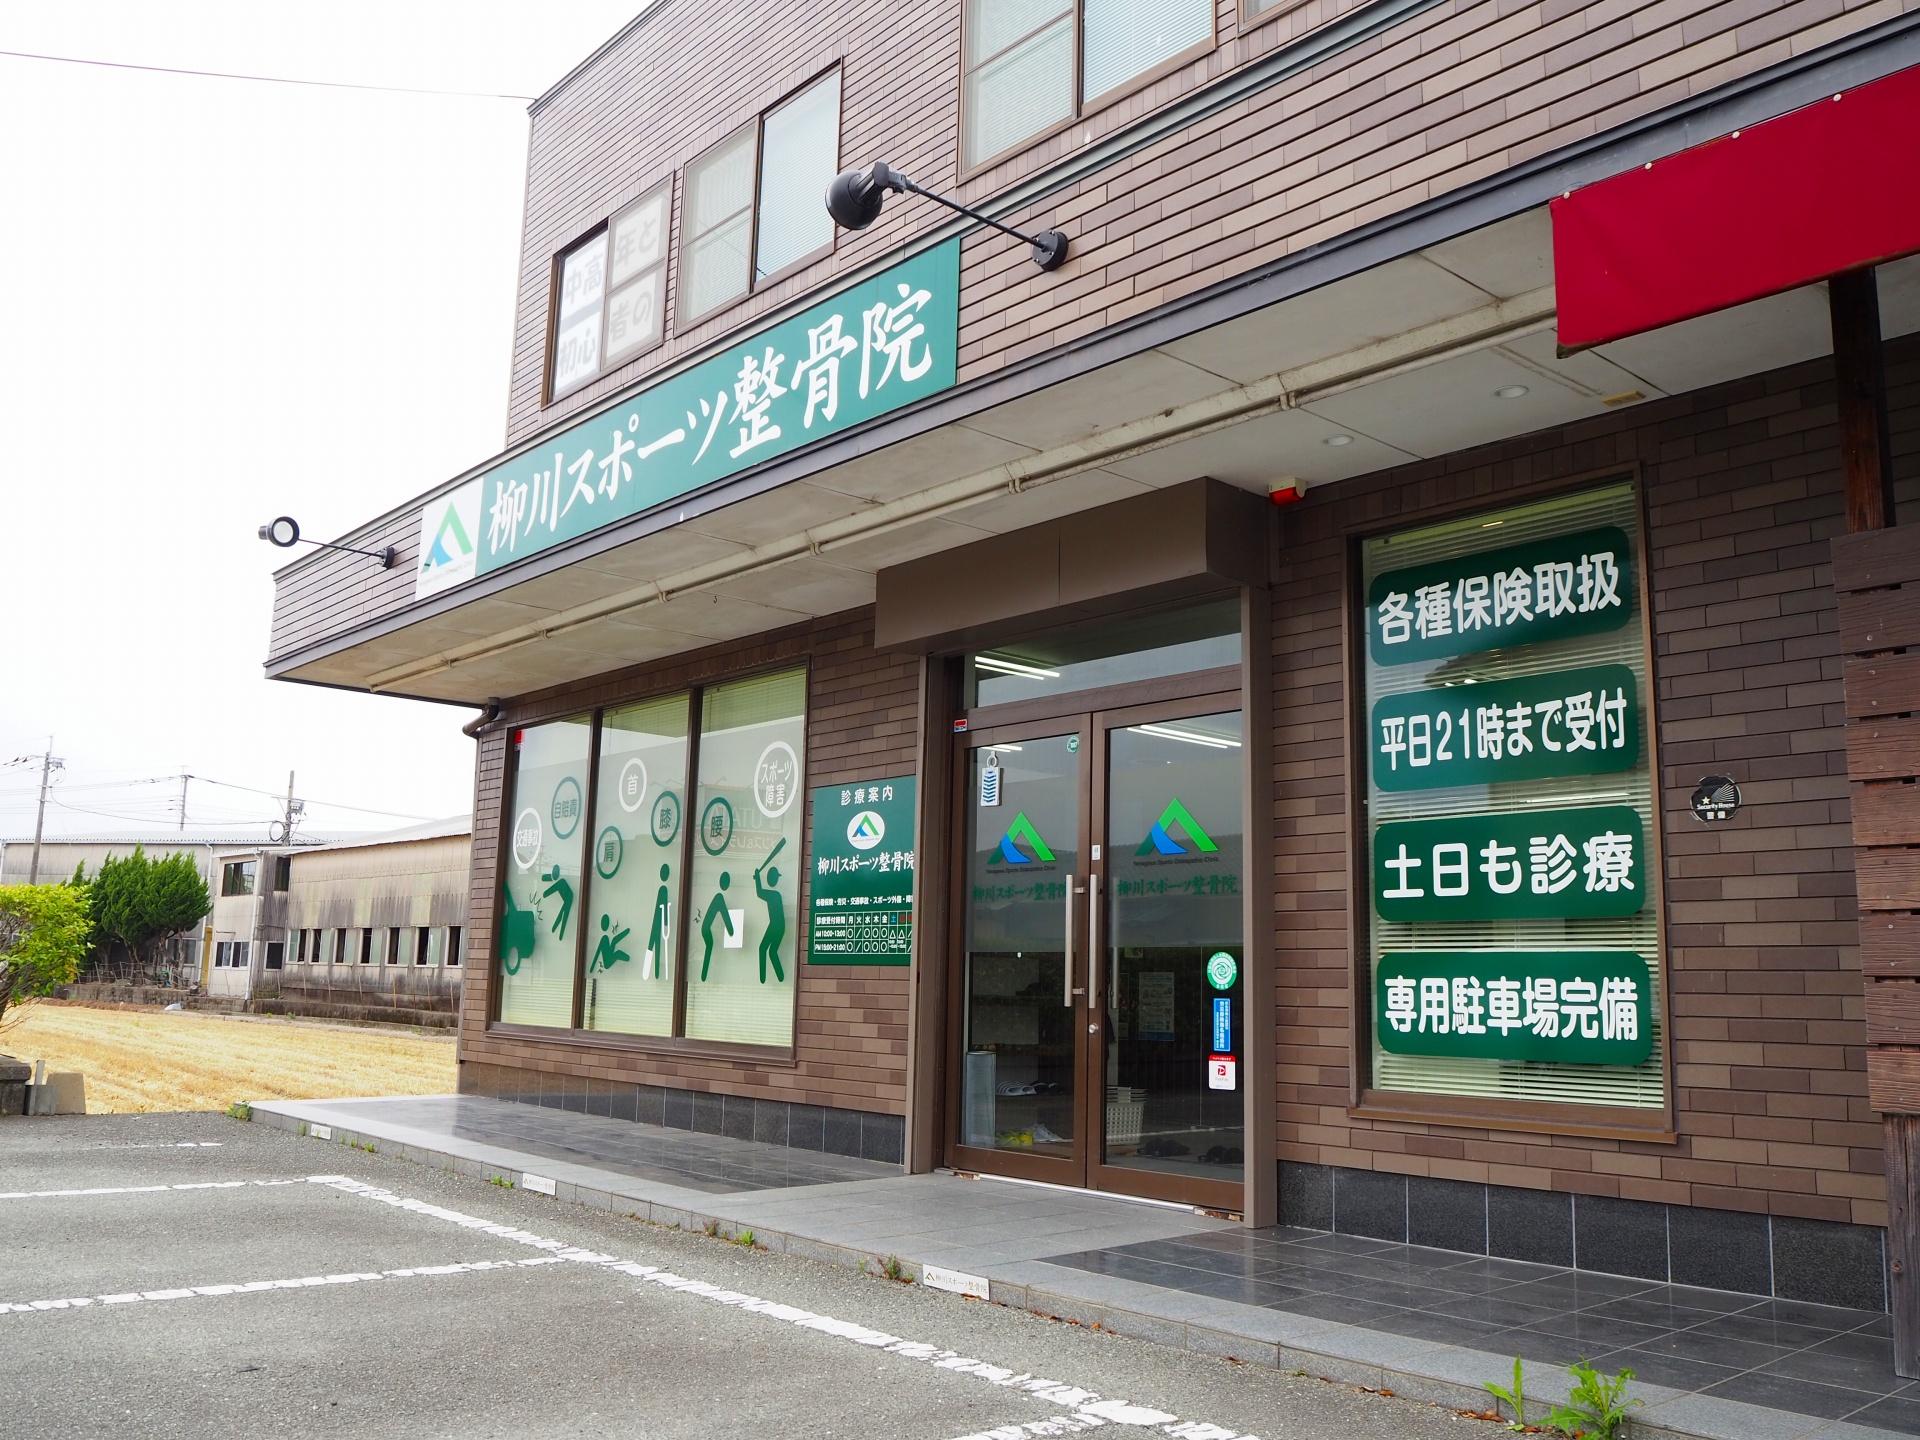 柳川スポーツ整骨院